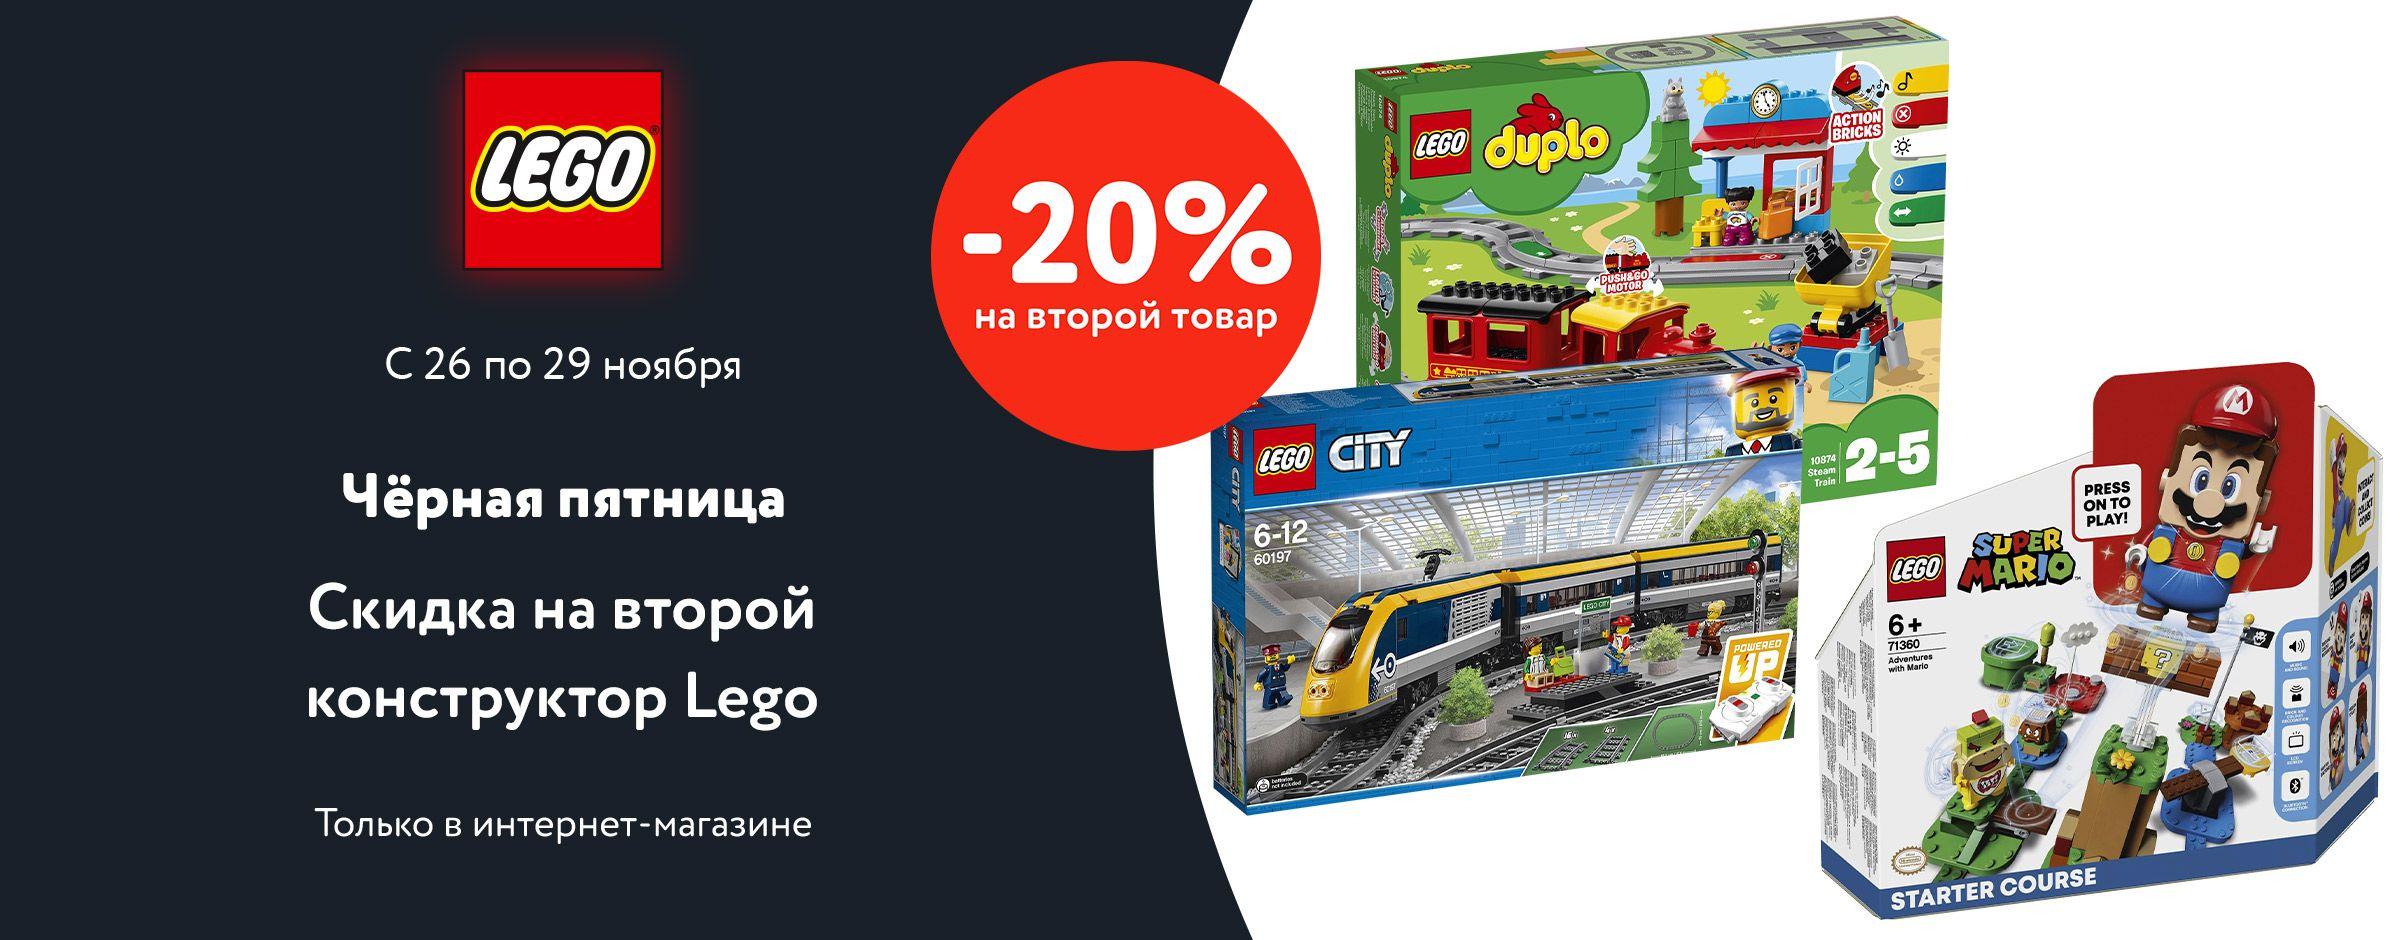 20% на второй LEGO